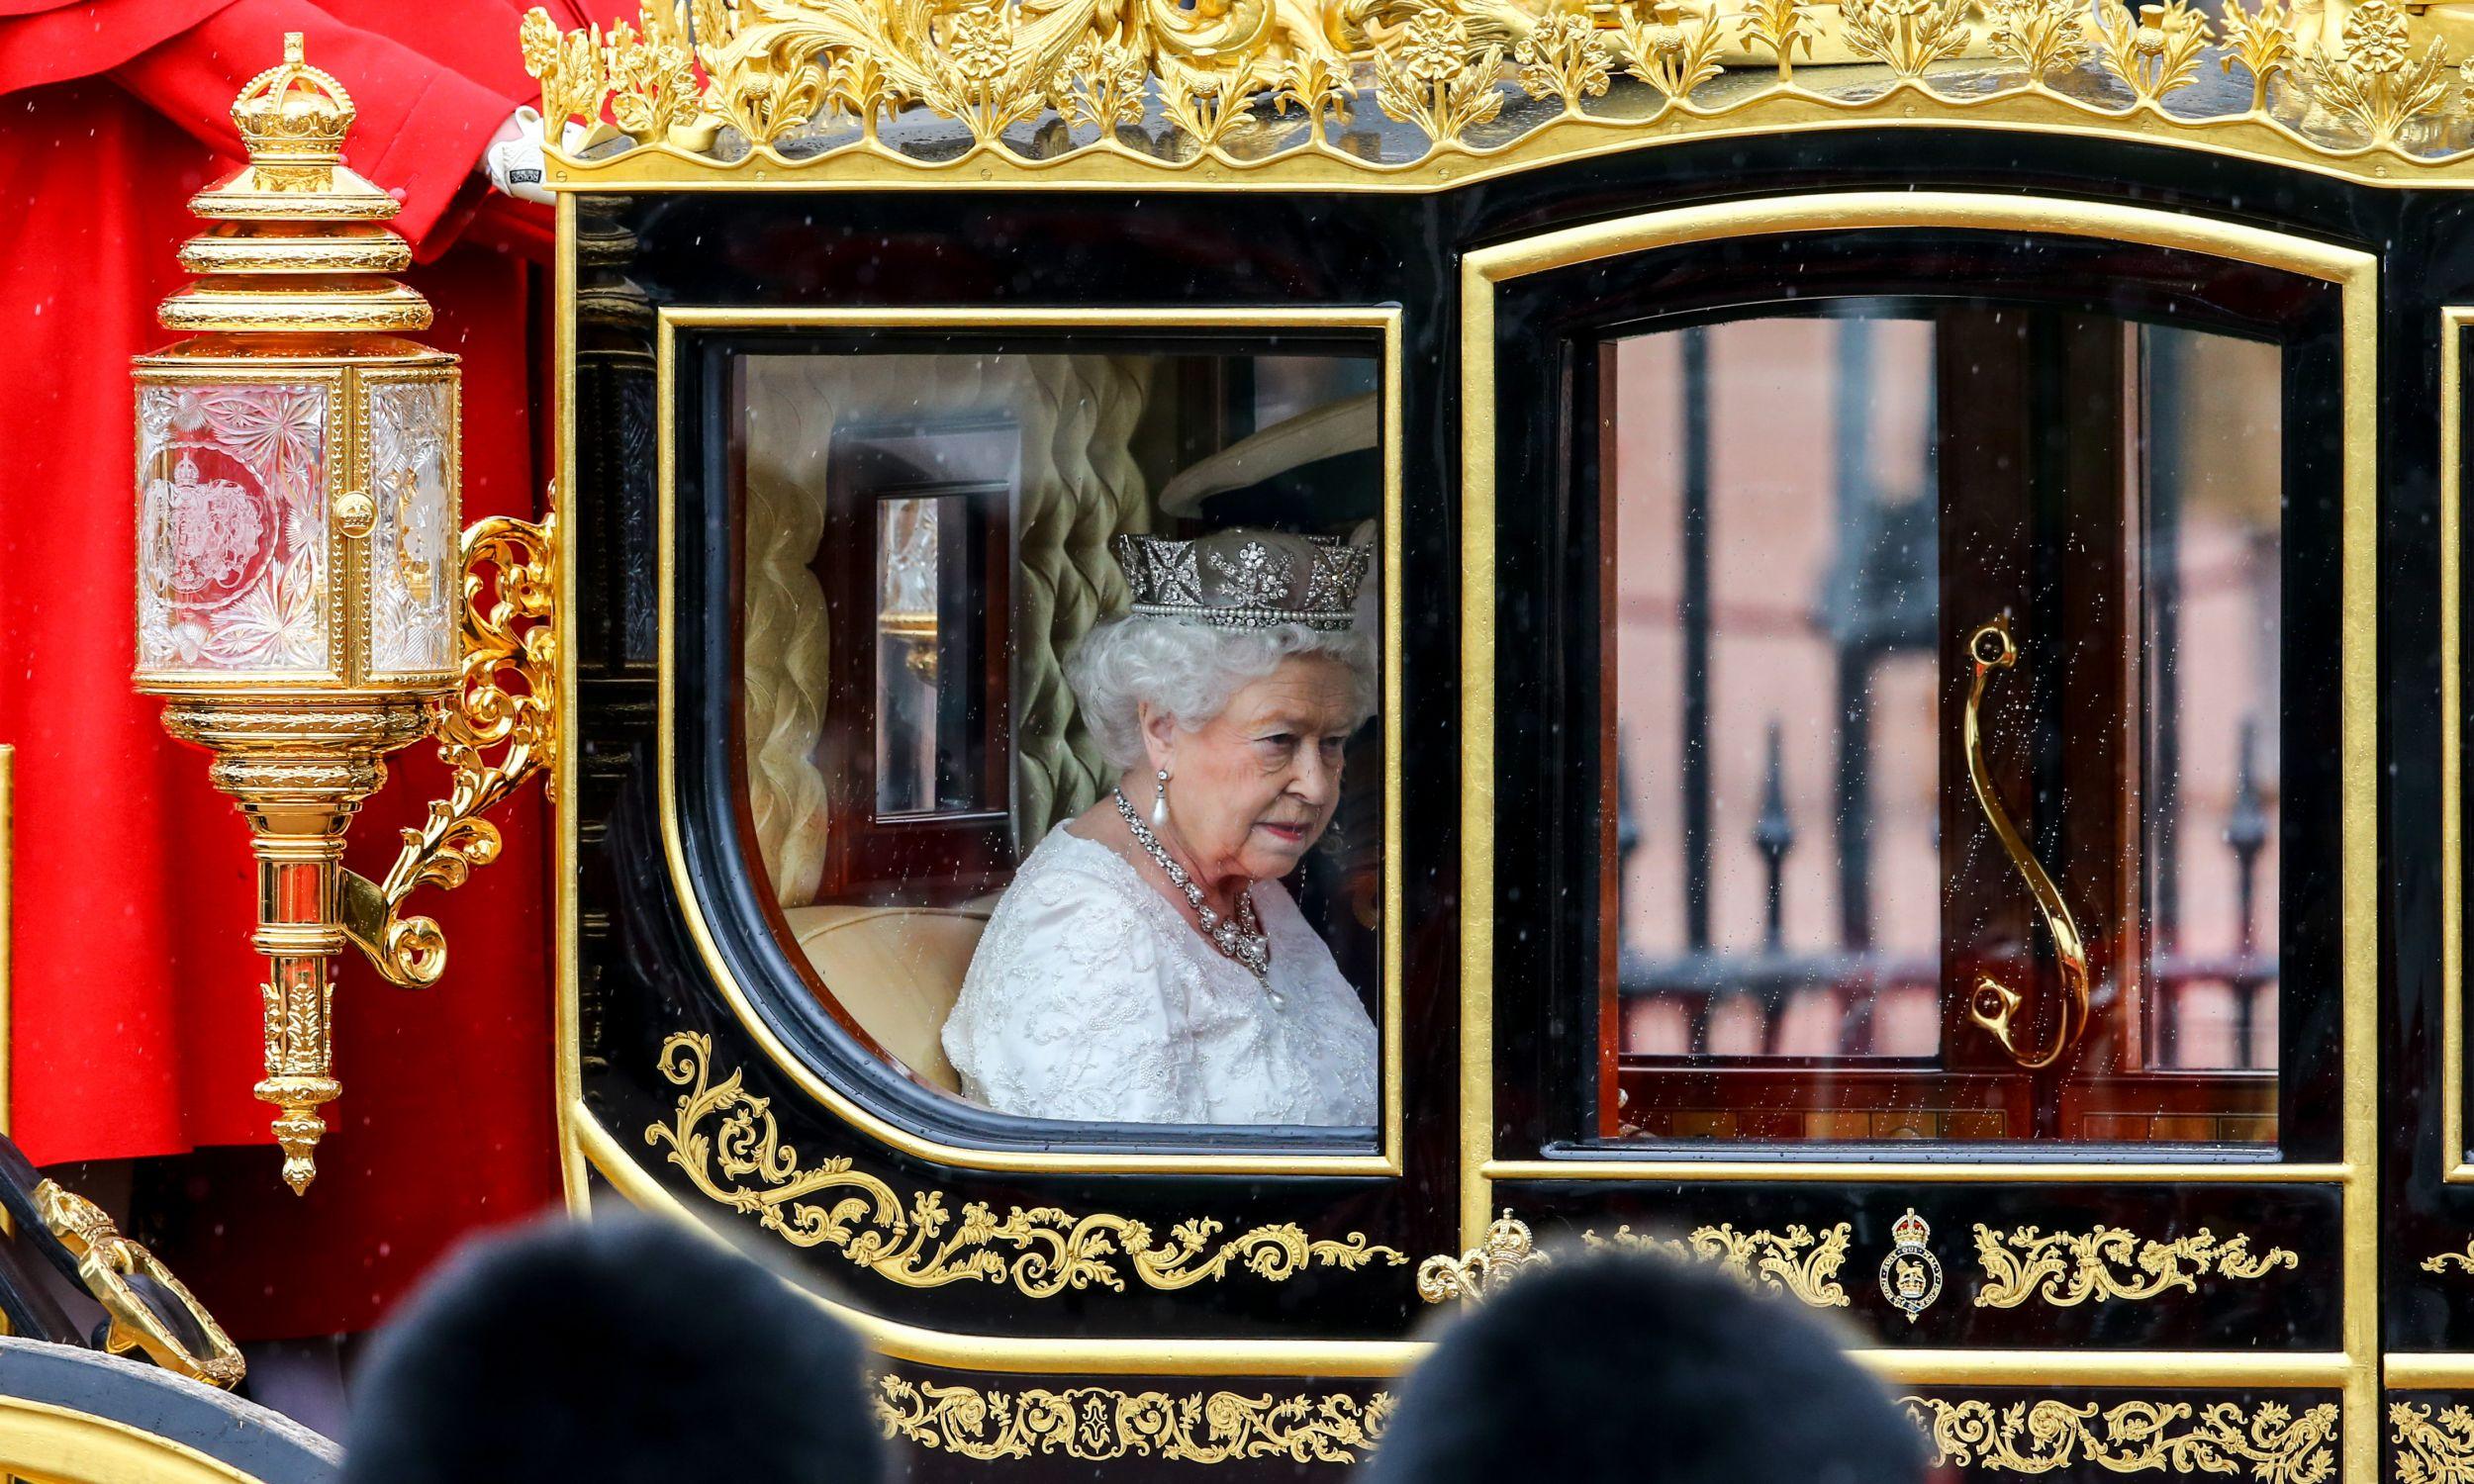 Królowa Elżbieta II z małżonkiem księciem Filipem w drodze z Pałacu Buckingham na posiedzenie parlamentu, maj 2016 r. Fot. Chris Ratcliffe/Getty Images